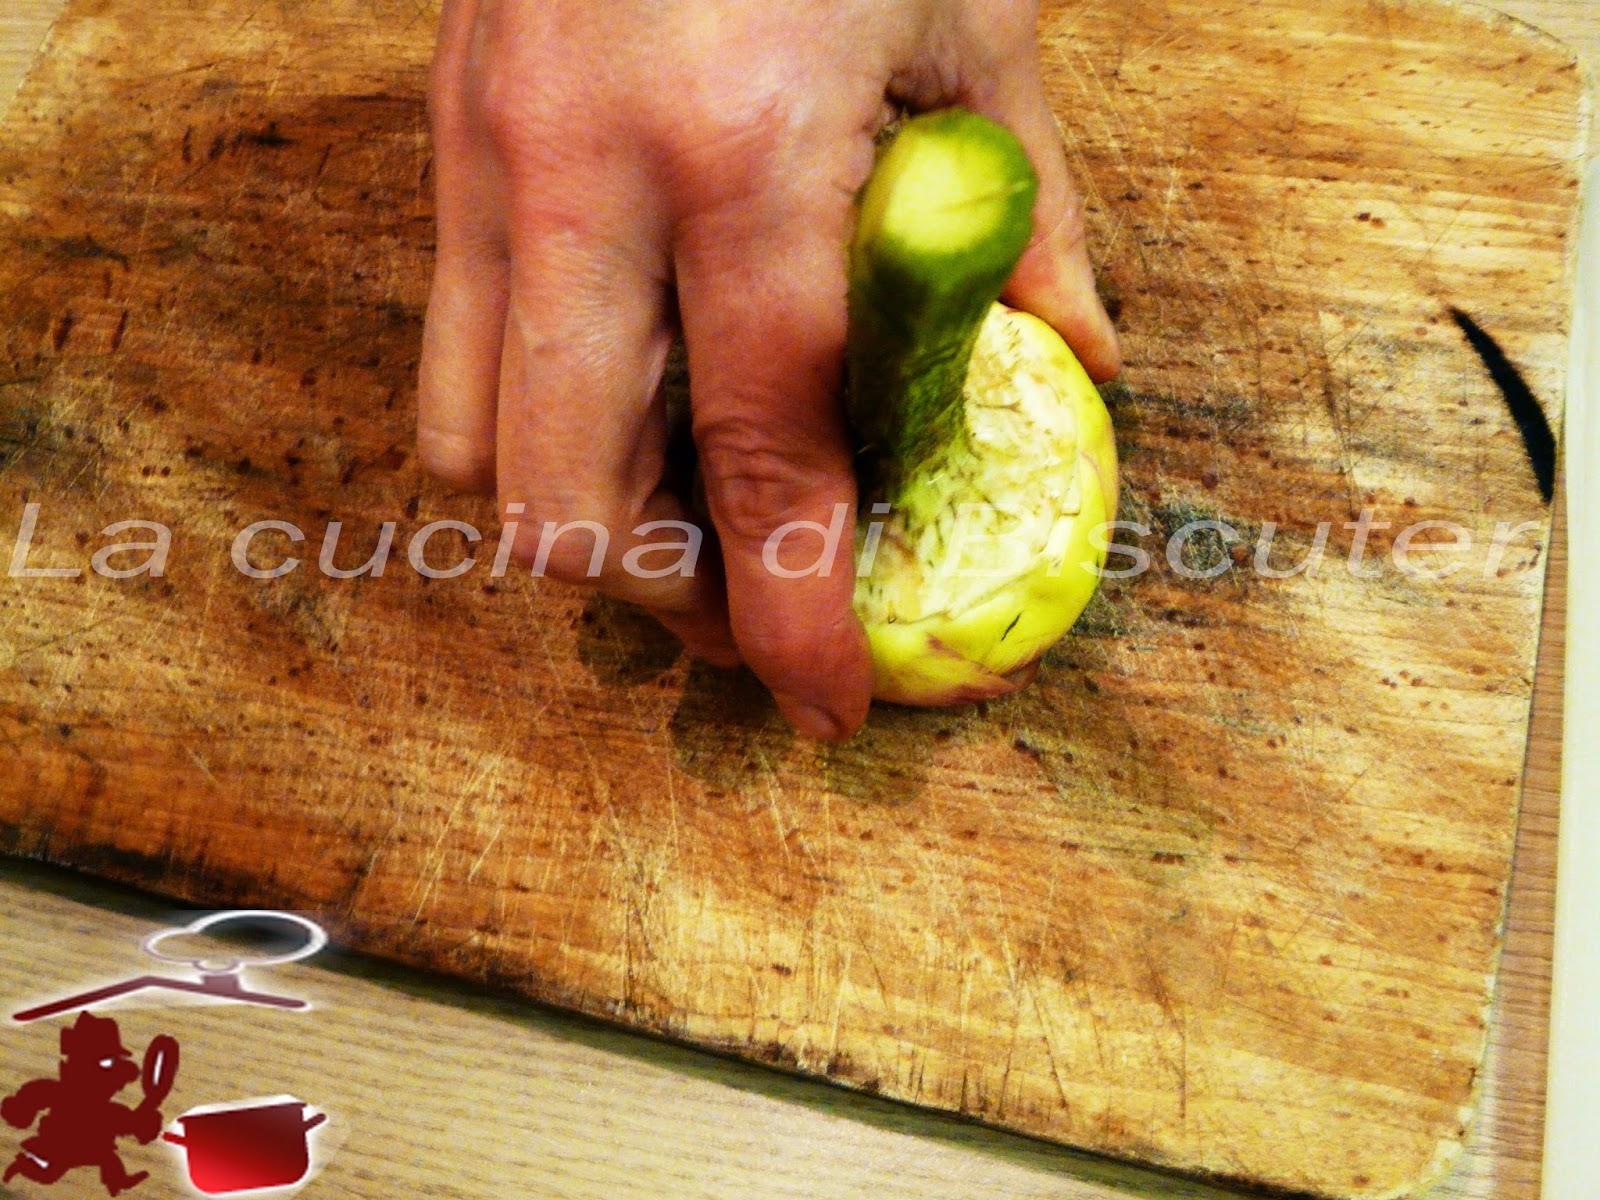 La cucina di biscuter alcachofas a la romana for La cucina romana